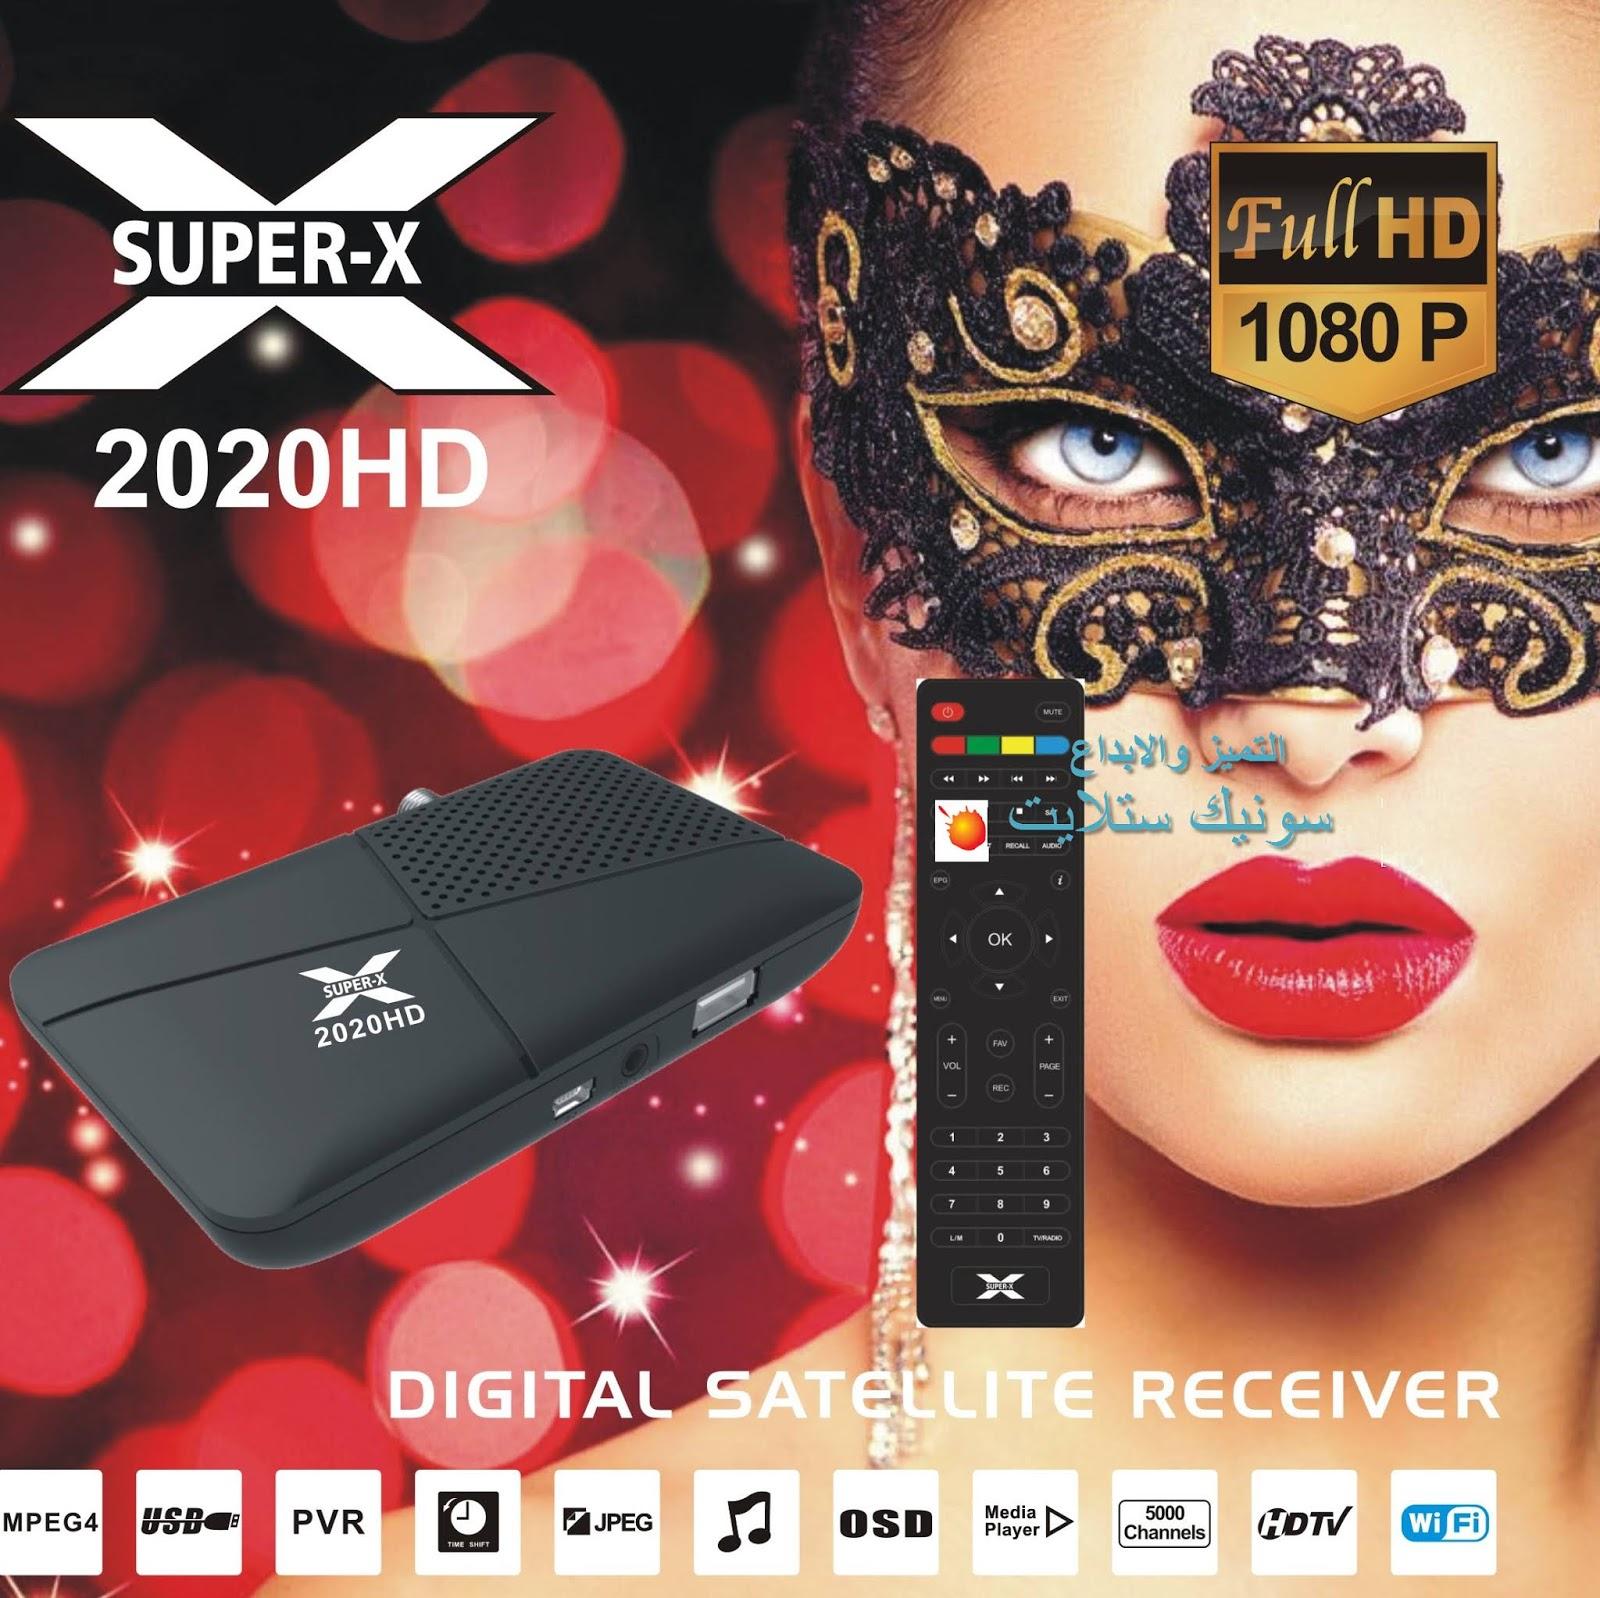 حصرى شرح العملاق سوبر اكس SUPER X2020  احدث سوفت وير مع تفعيل